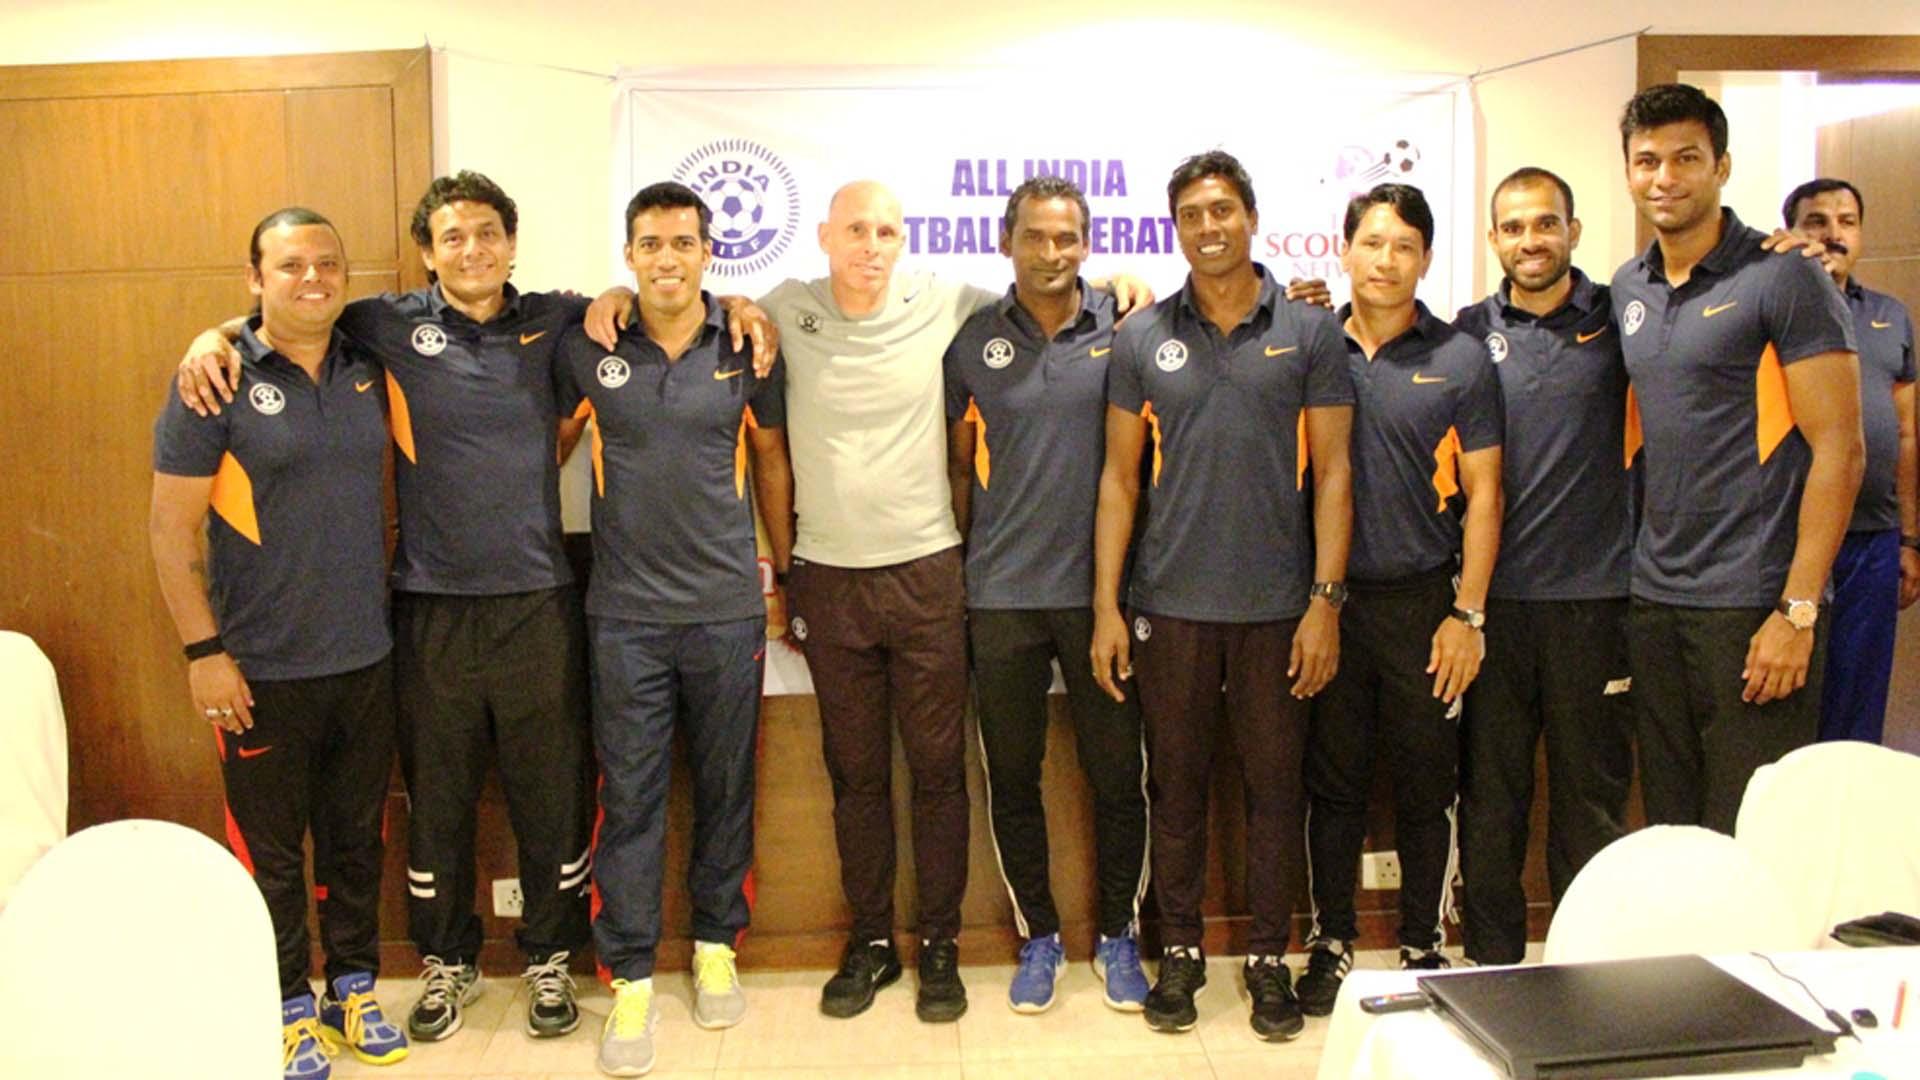 Mahesh Gawli Samir Naik Abhishek Yadav Shanmugam Venkatesh Stephen Constantine Indian National Team